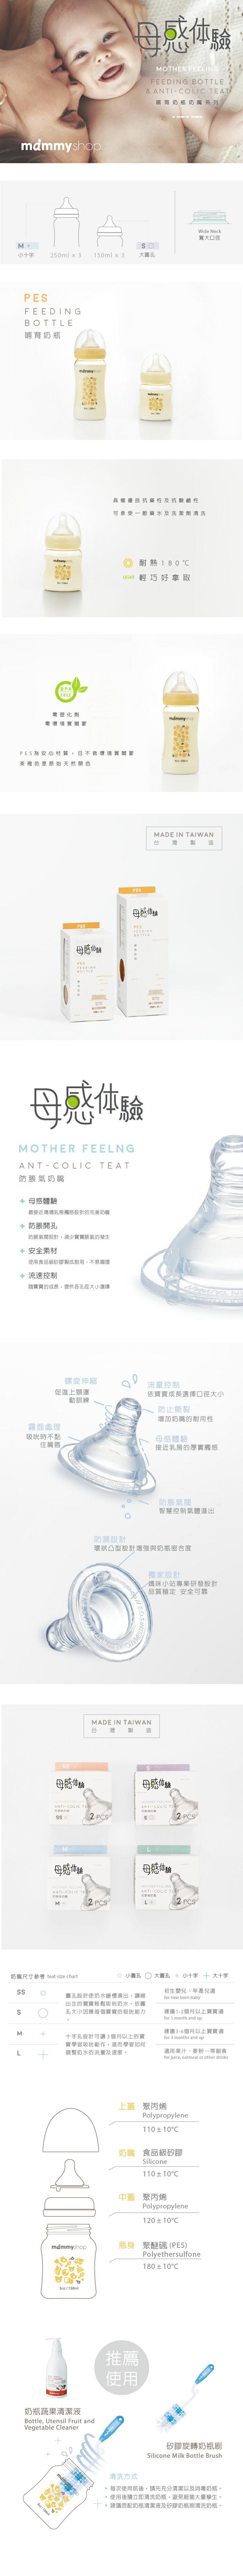 Mammyshop媽咪小站 - 母感體驗 PES防脹氣奶瓶 寬大口徑 250ml 3入 + 150ml 3入 超值組 1